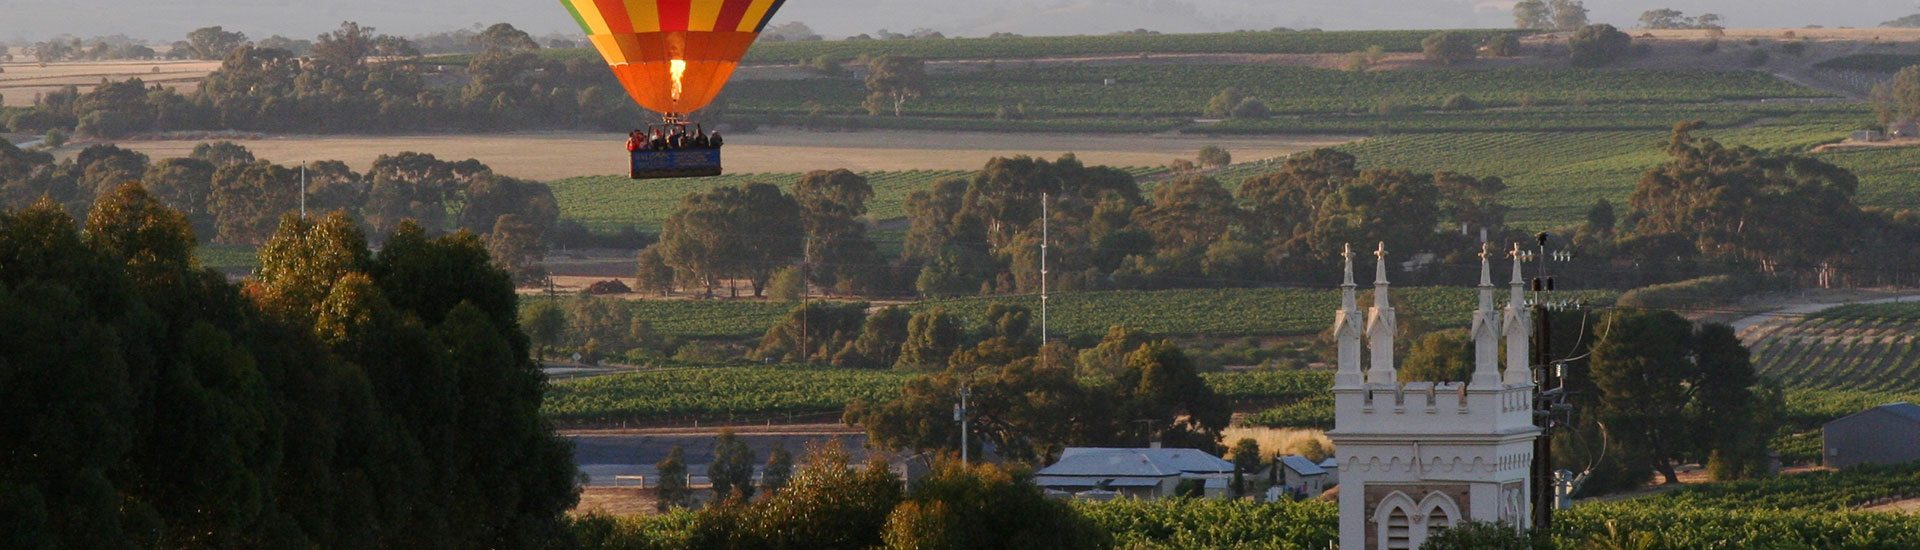 balloon-adventures-flights-over-the-barossa-balloon-ride-scenic-8